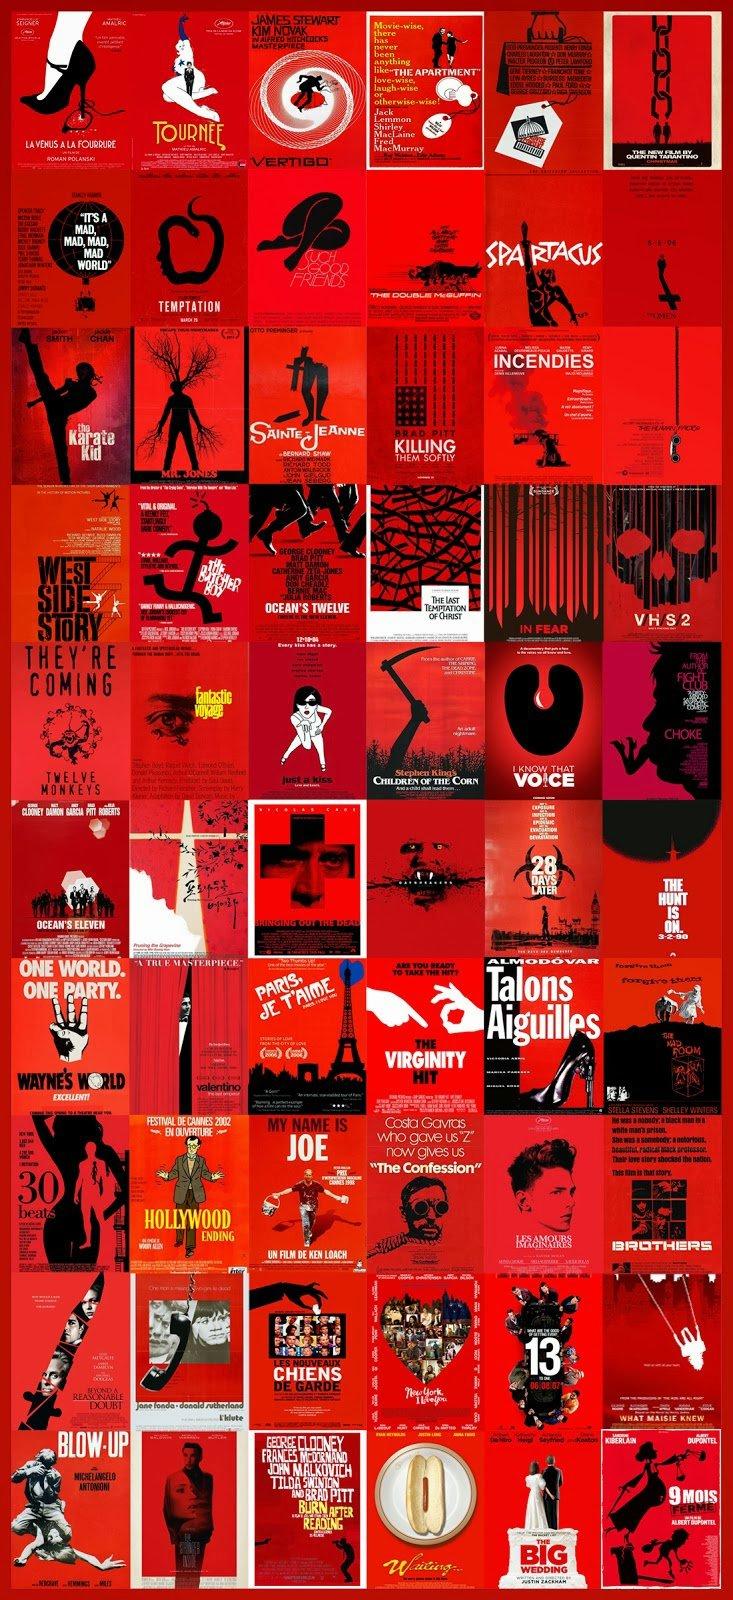 Утомившие киноштампы: Когда-то  постеры были искусством. - Изображение 71